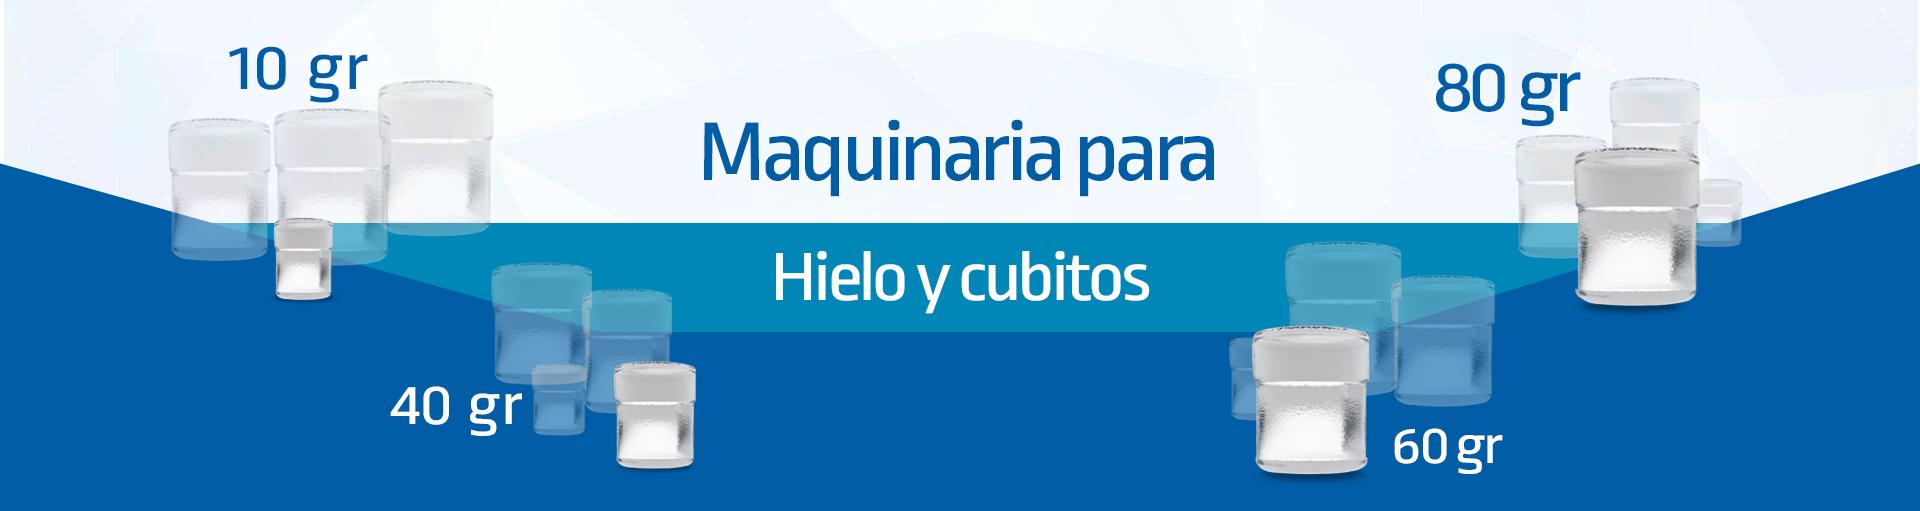 Cubiforma VENTA DE MAQUINARIA DE HIELO